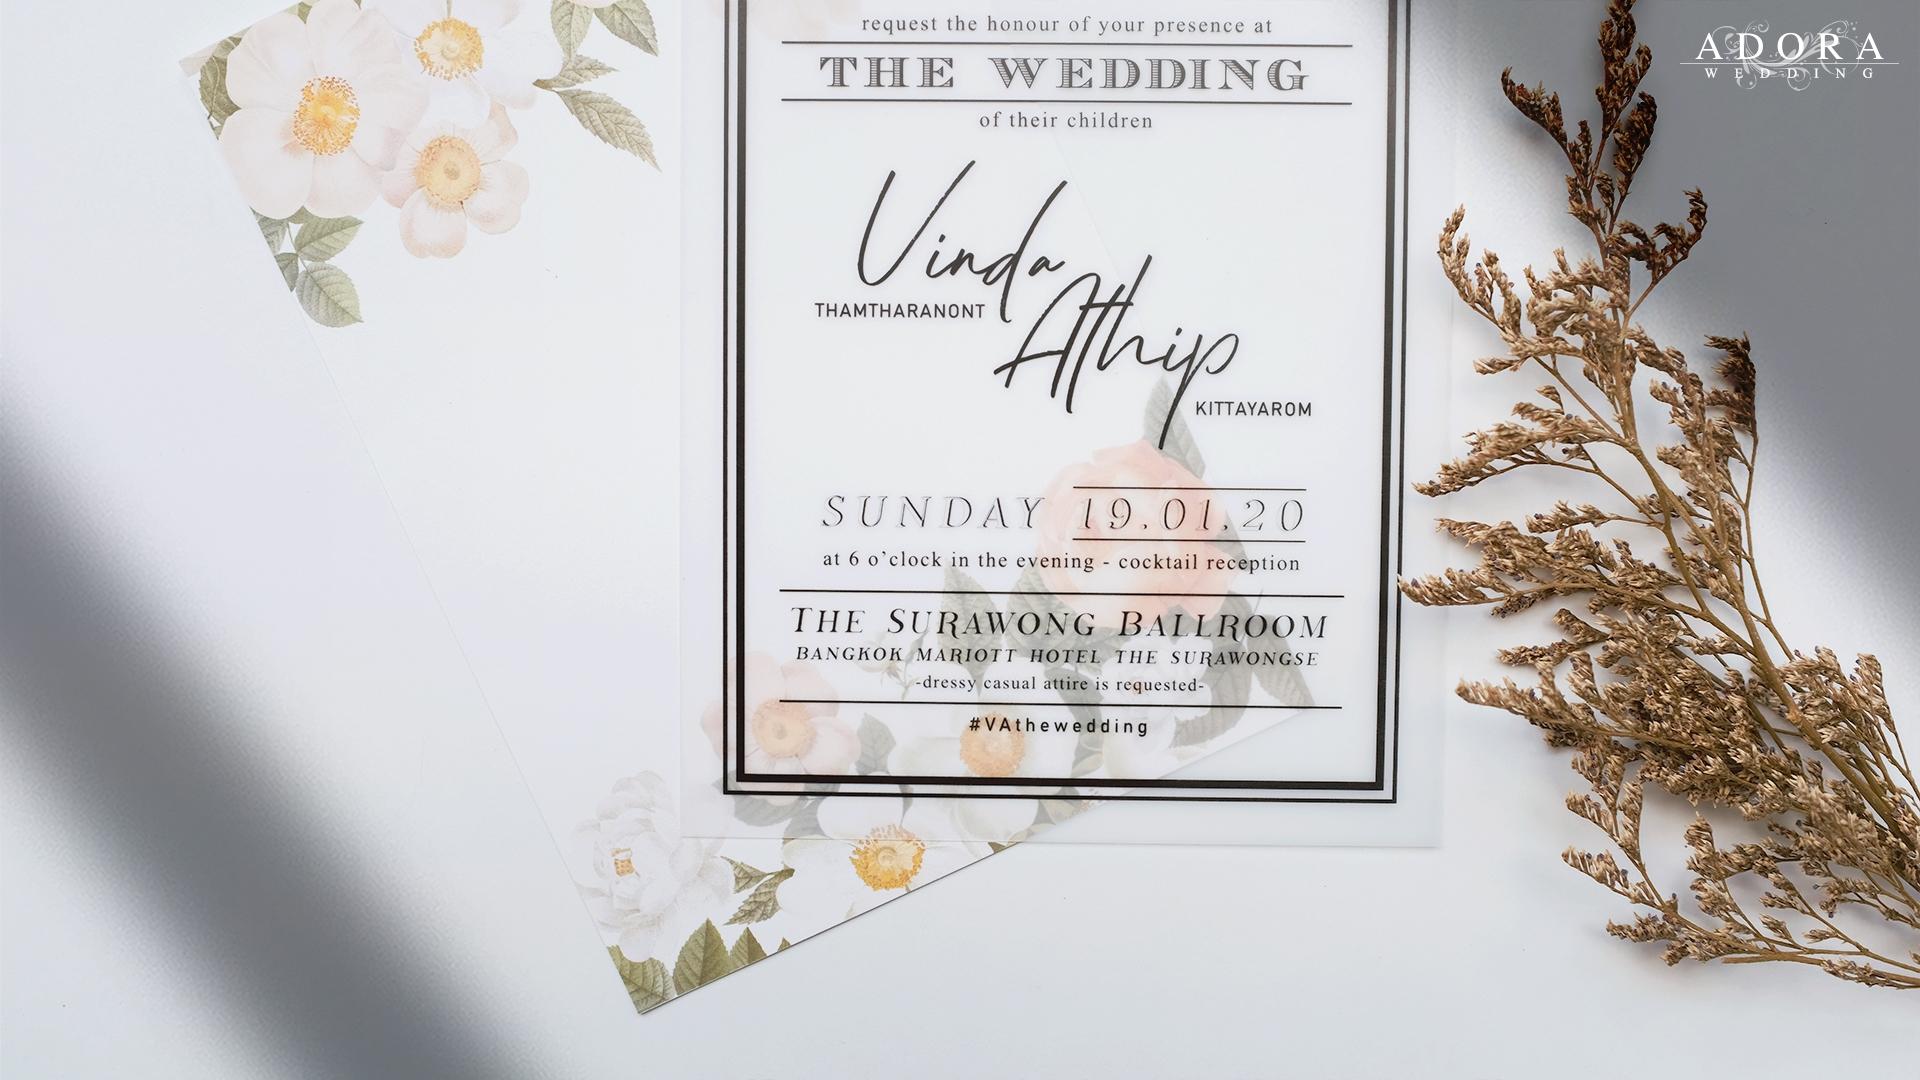 B124LY-wedding-card-4